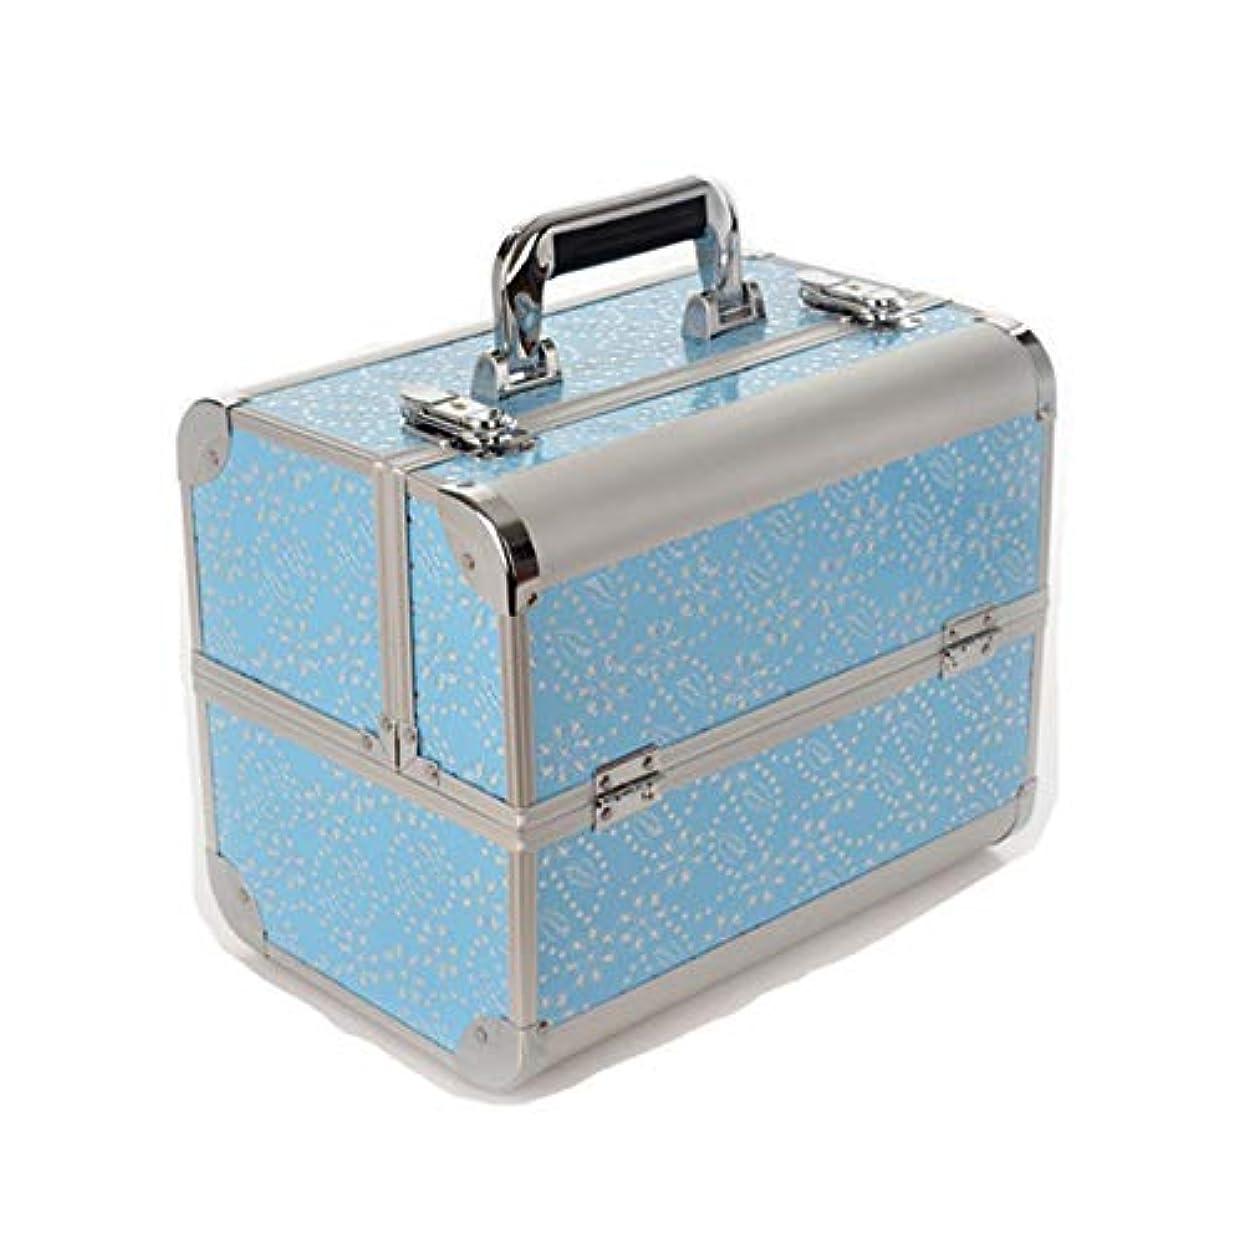 口一掃するフォロー特大スペース収納ビューティーボックス 美の構造のためそしてジッパーおよび折る皿が付いている女の子の女性旅行そして毎日の貯蔵のための高容量の携帯用化粧品袋 化粧品化粧台 (色 : 青)